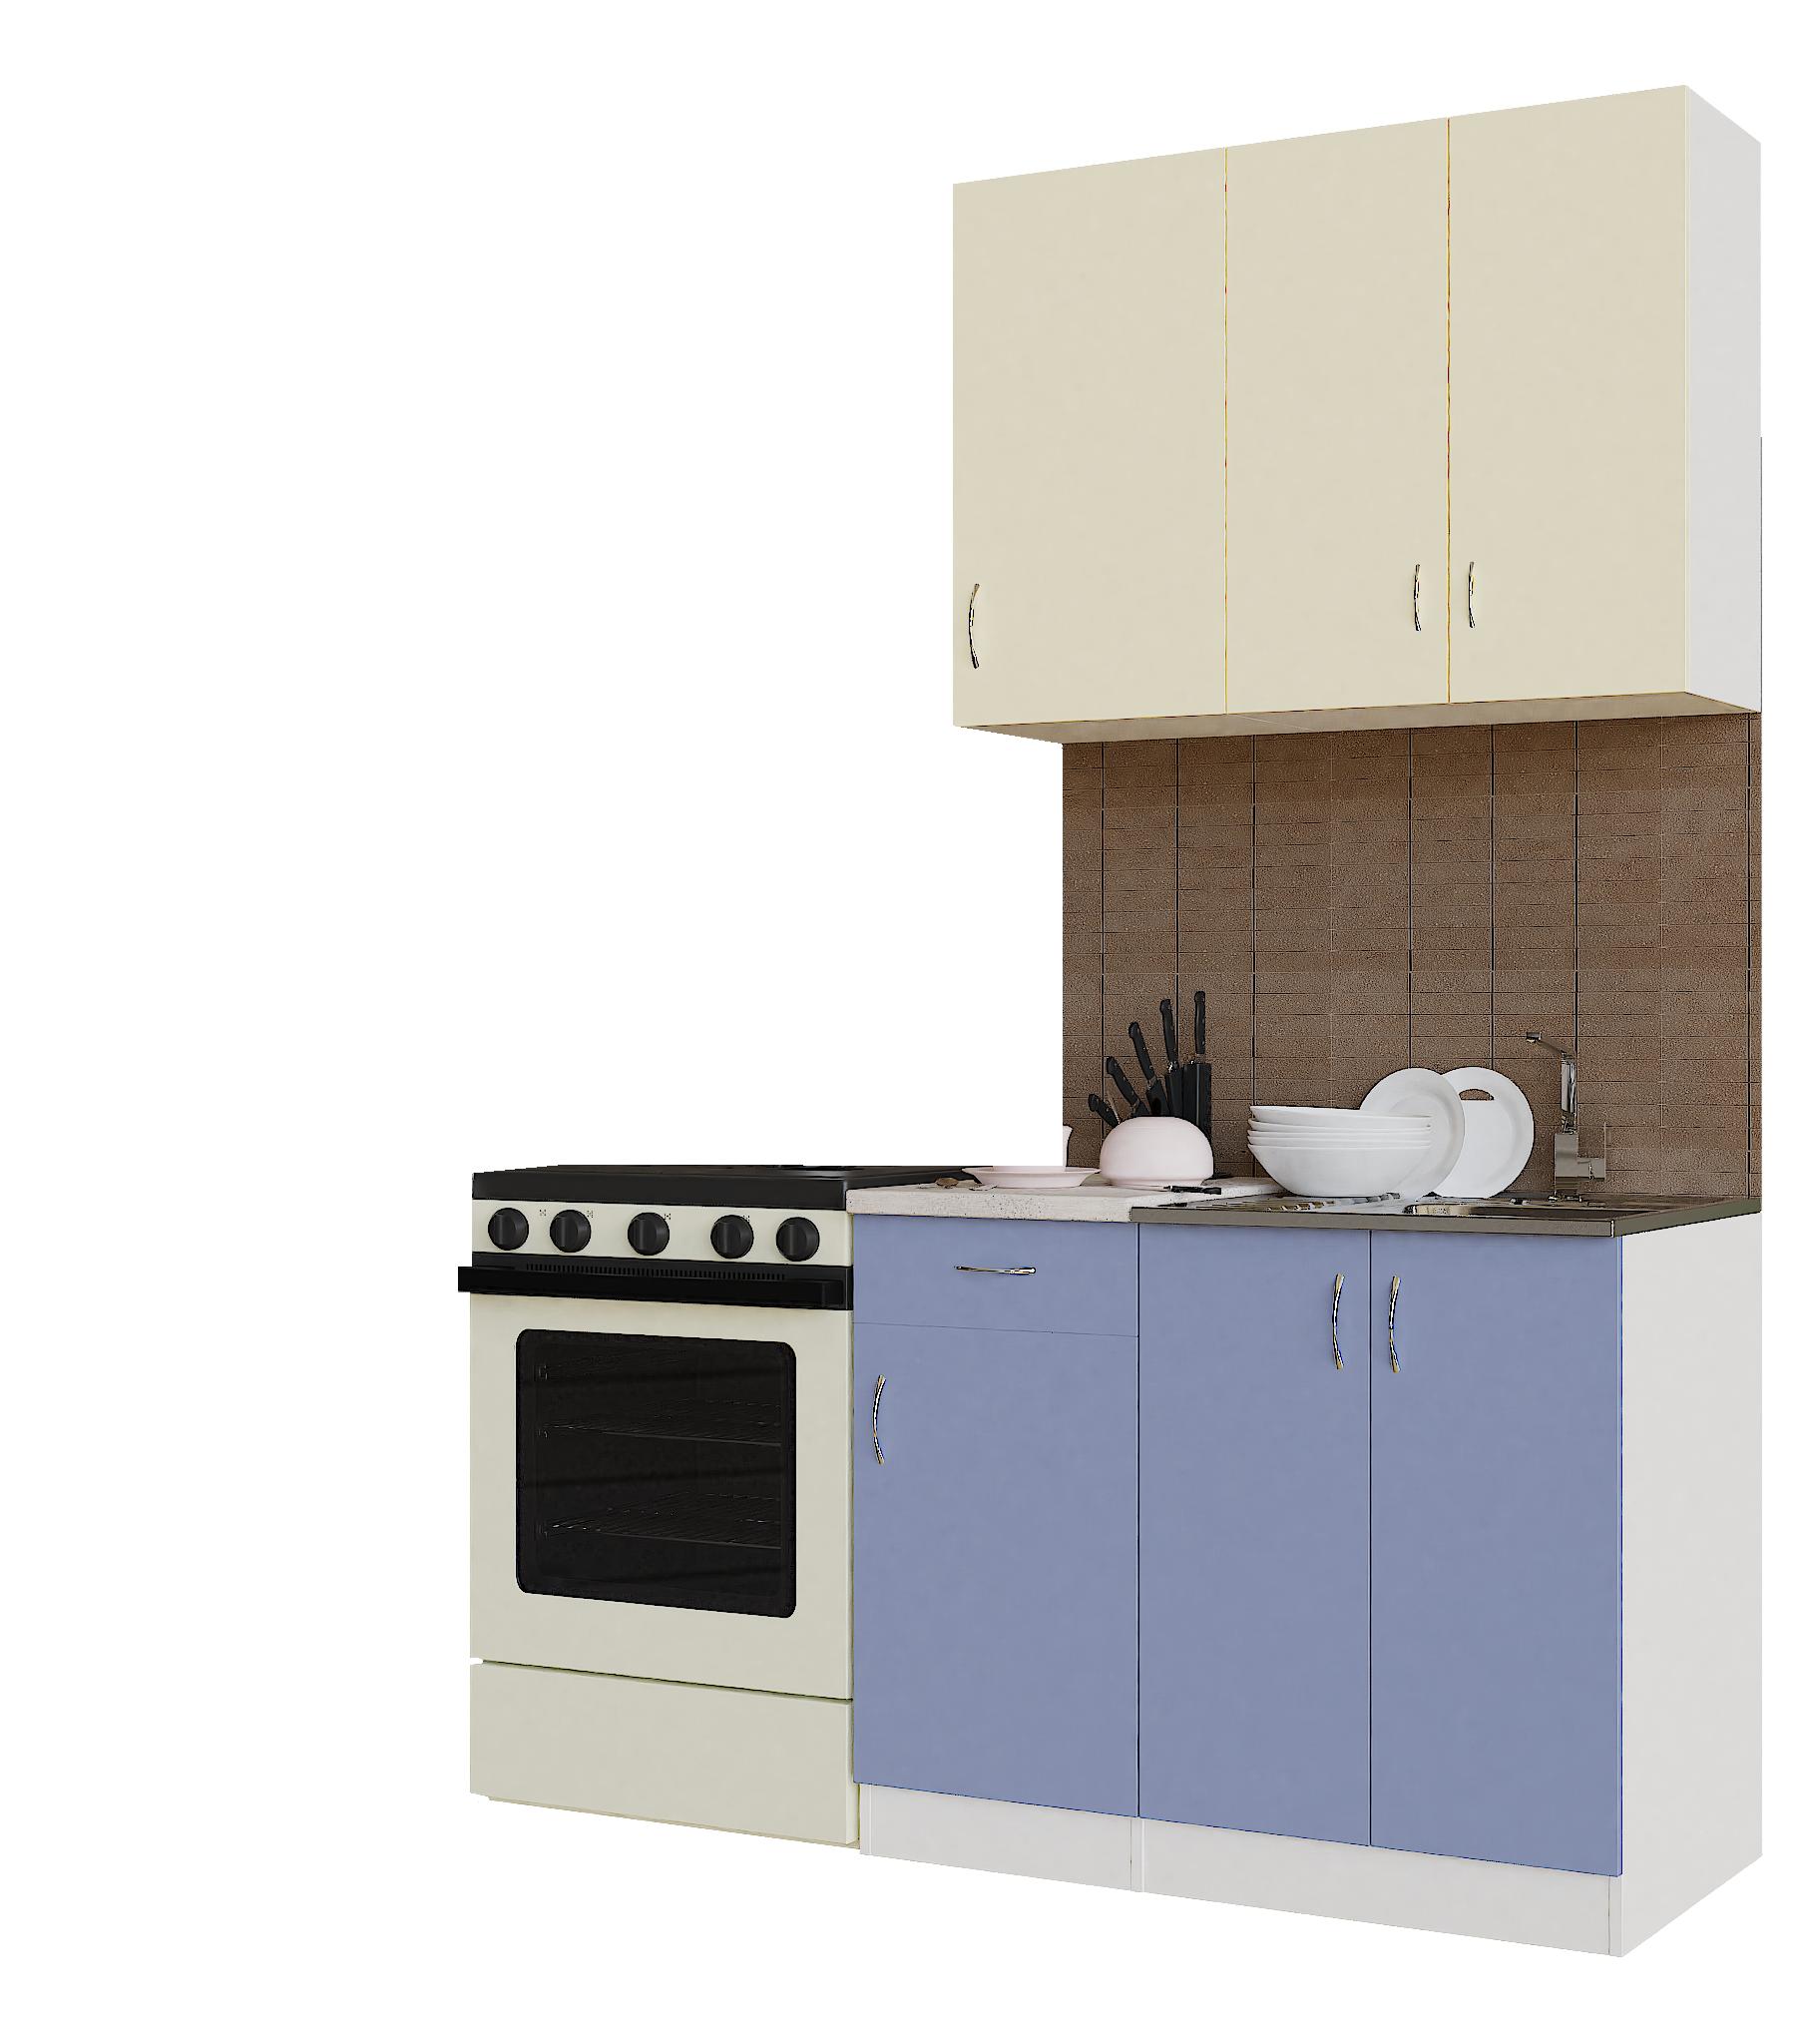 Кухонный гарнитур Sanvut ГК1000-5.6_9.2 Белый / Крем / Лаванда (гренобль)